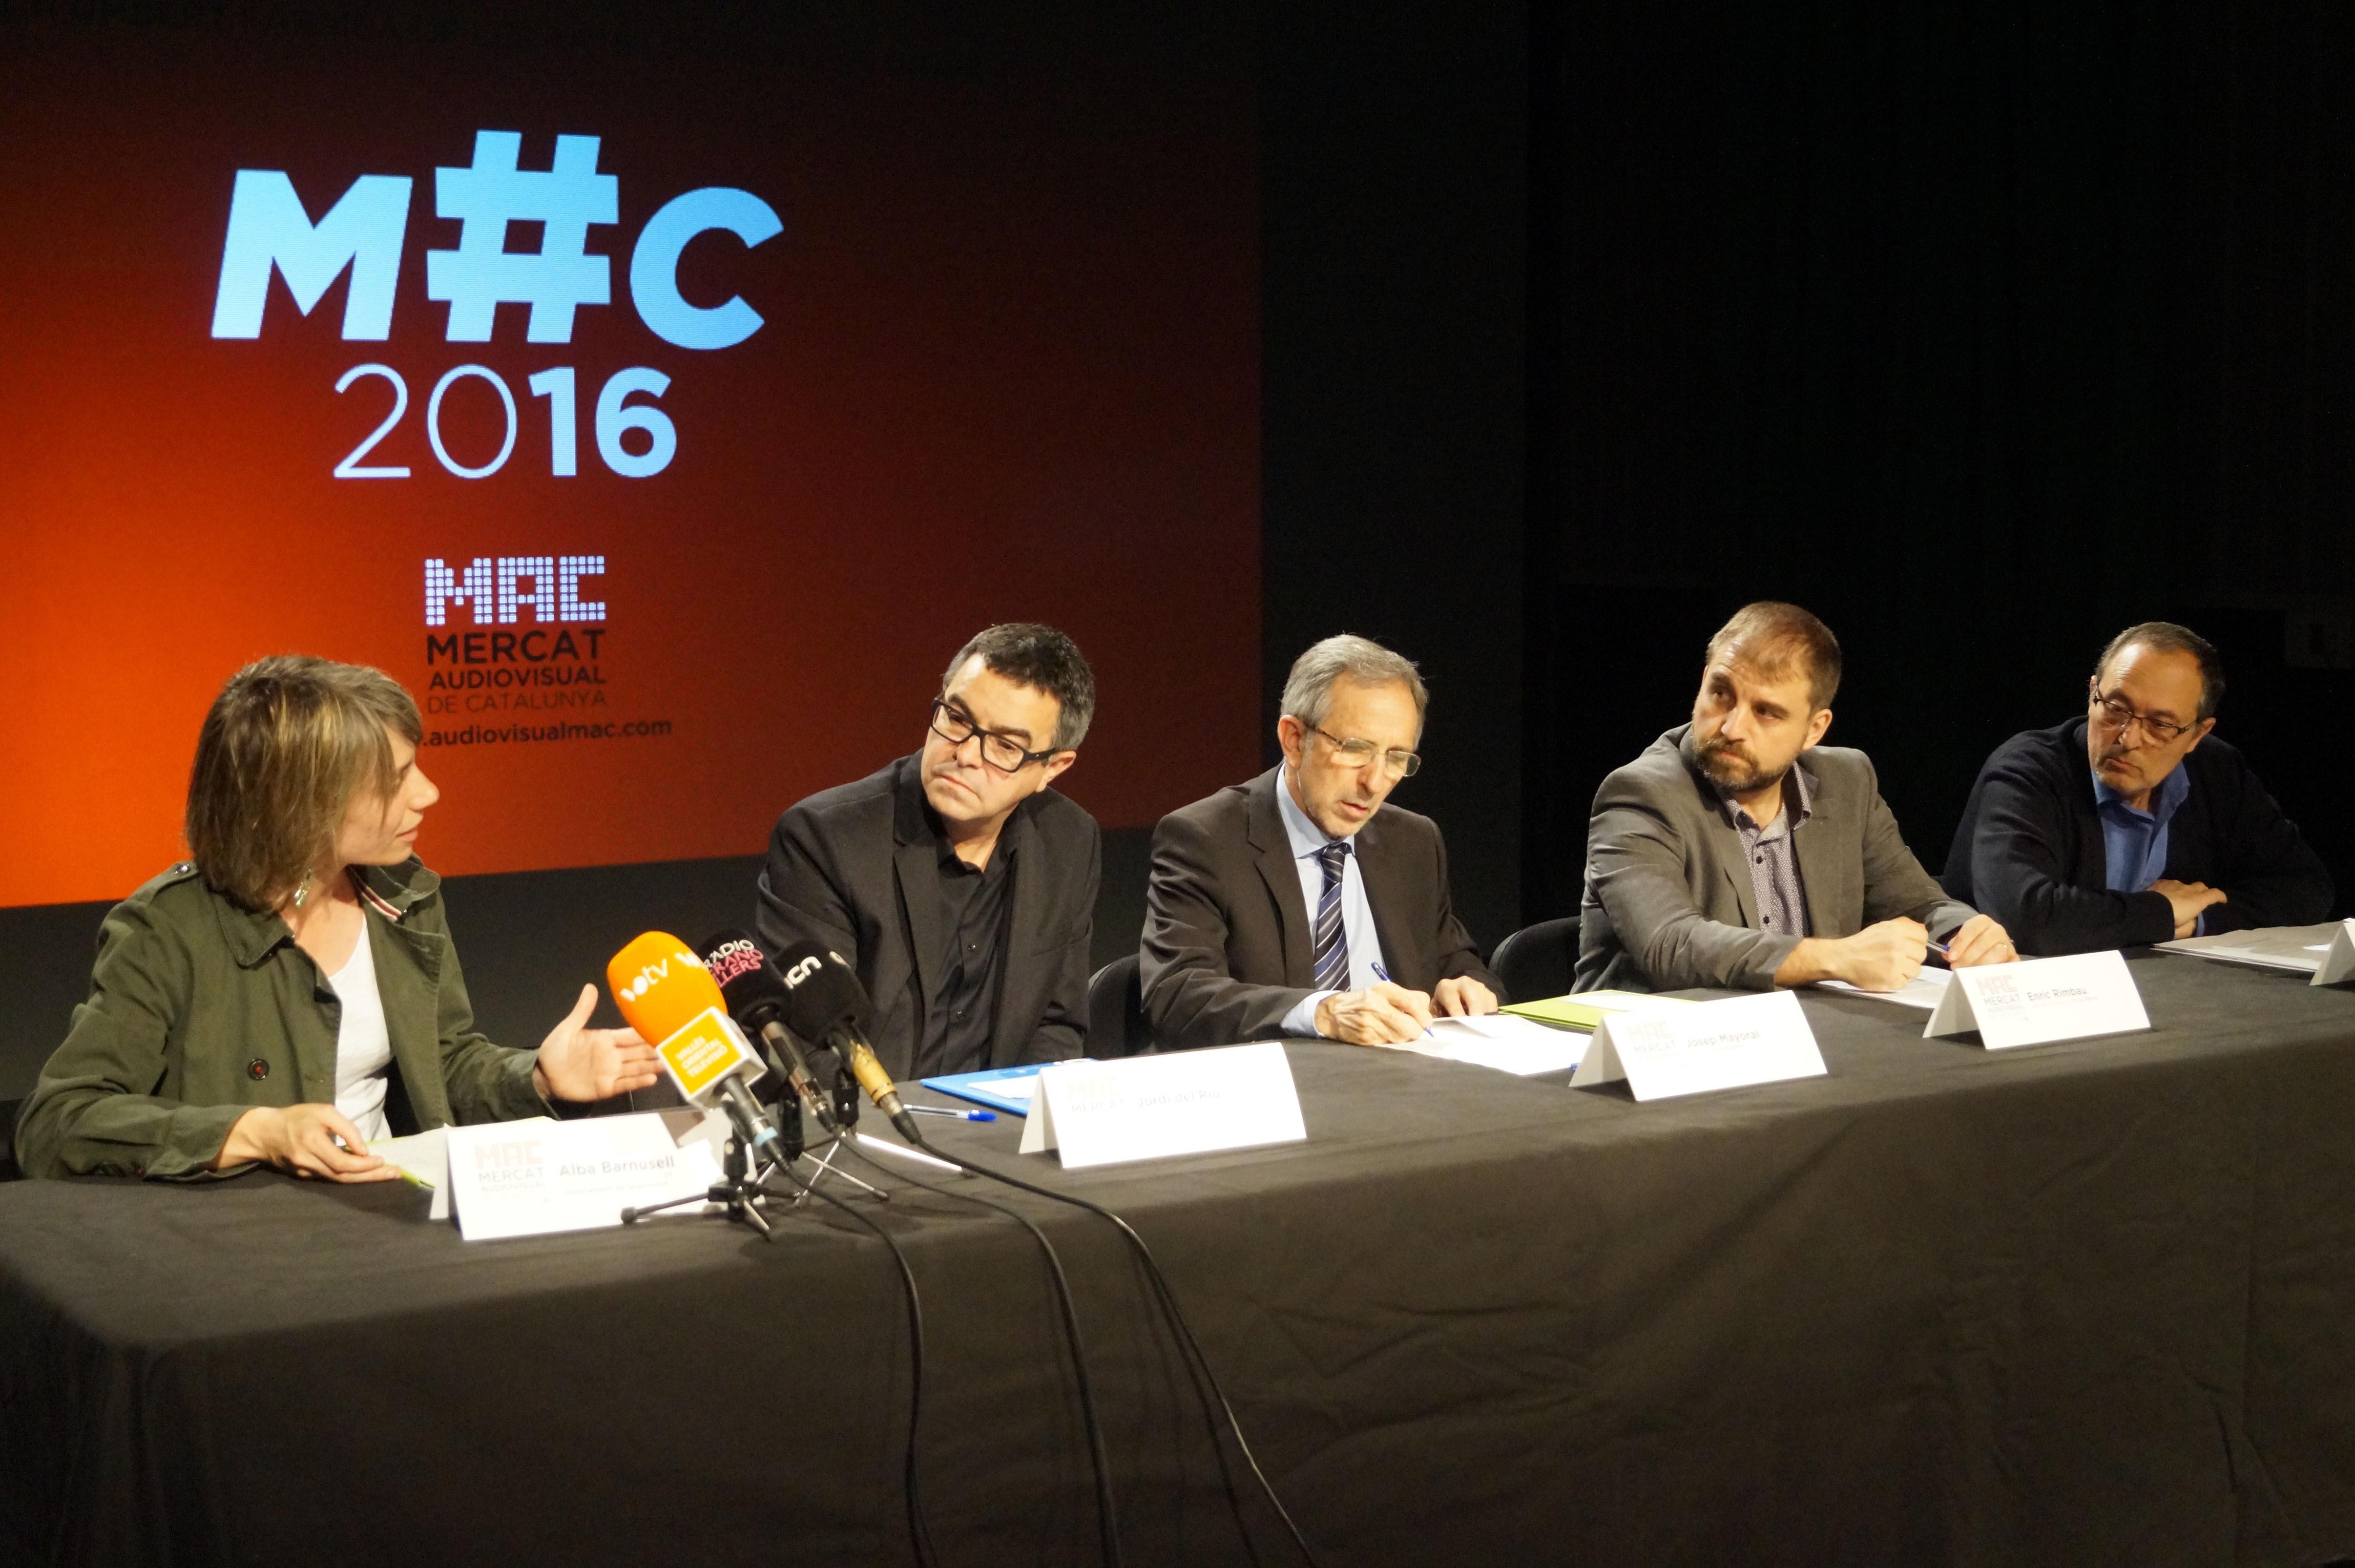 La 17a edició del MAC oferirà les claus que defineixen el procés de canvi del sector audiovisual